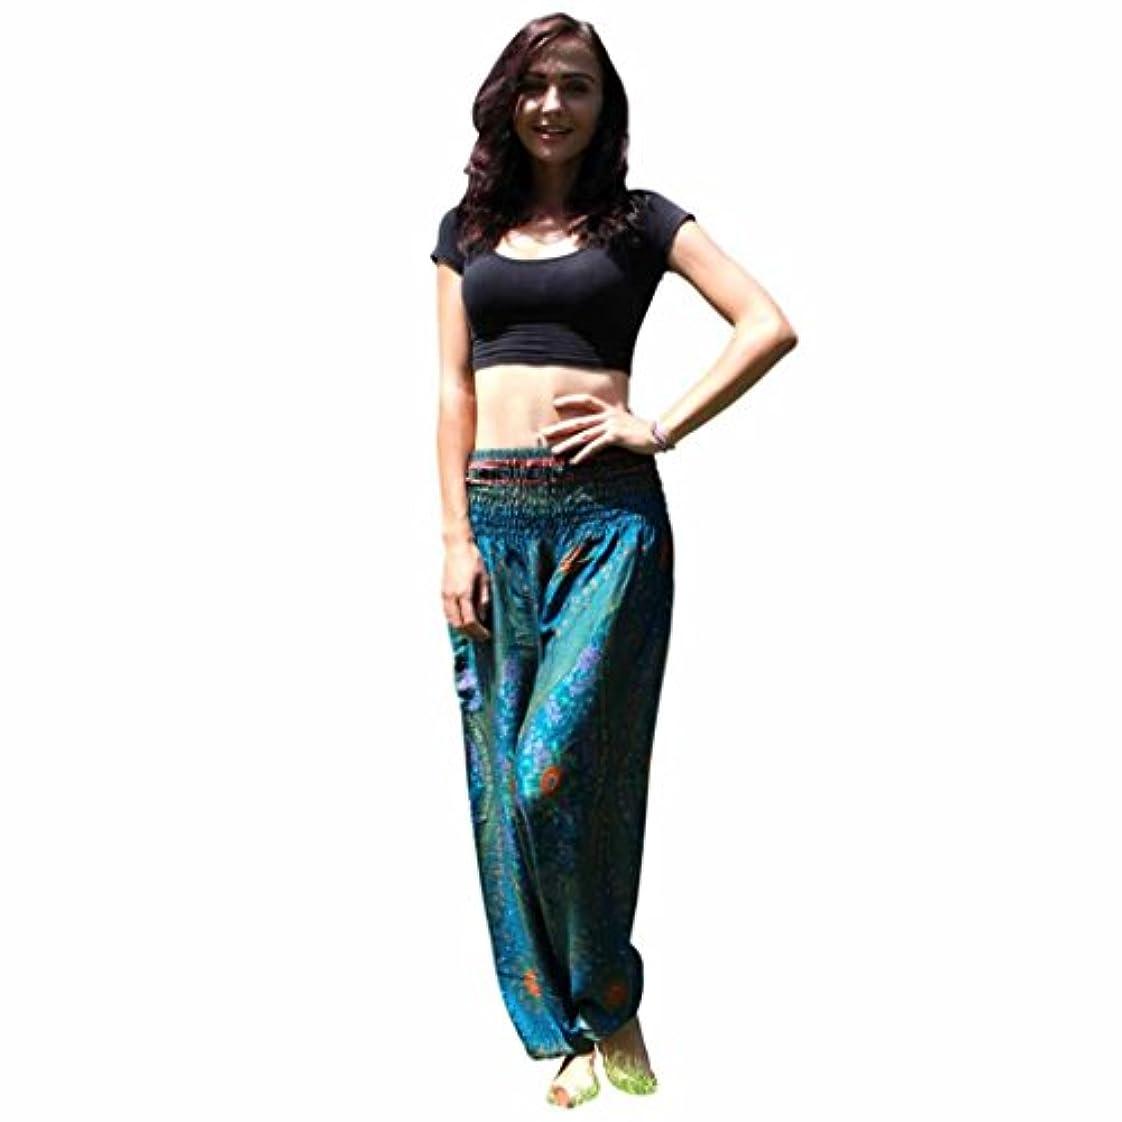 Mhomzawa パンツ男性女性タイのハレムのズボンフェスティバルヒッピーのスモックハイウエストのパンツのタイハーレムヨガ?パンツ